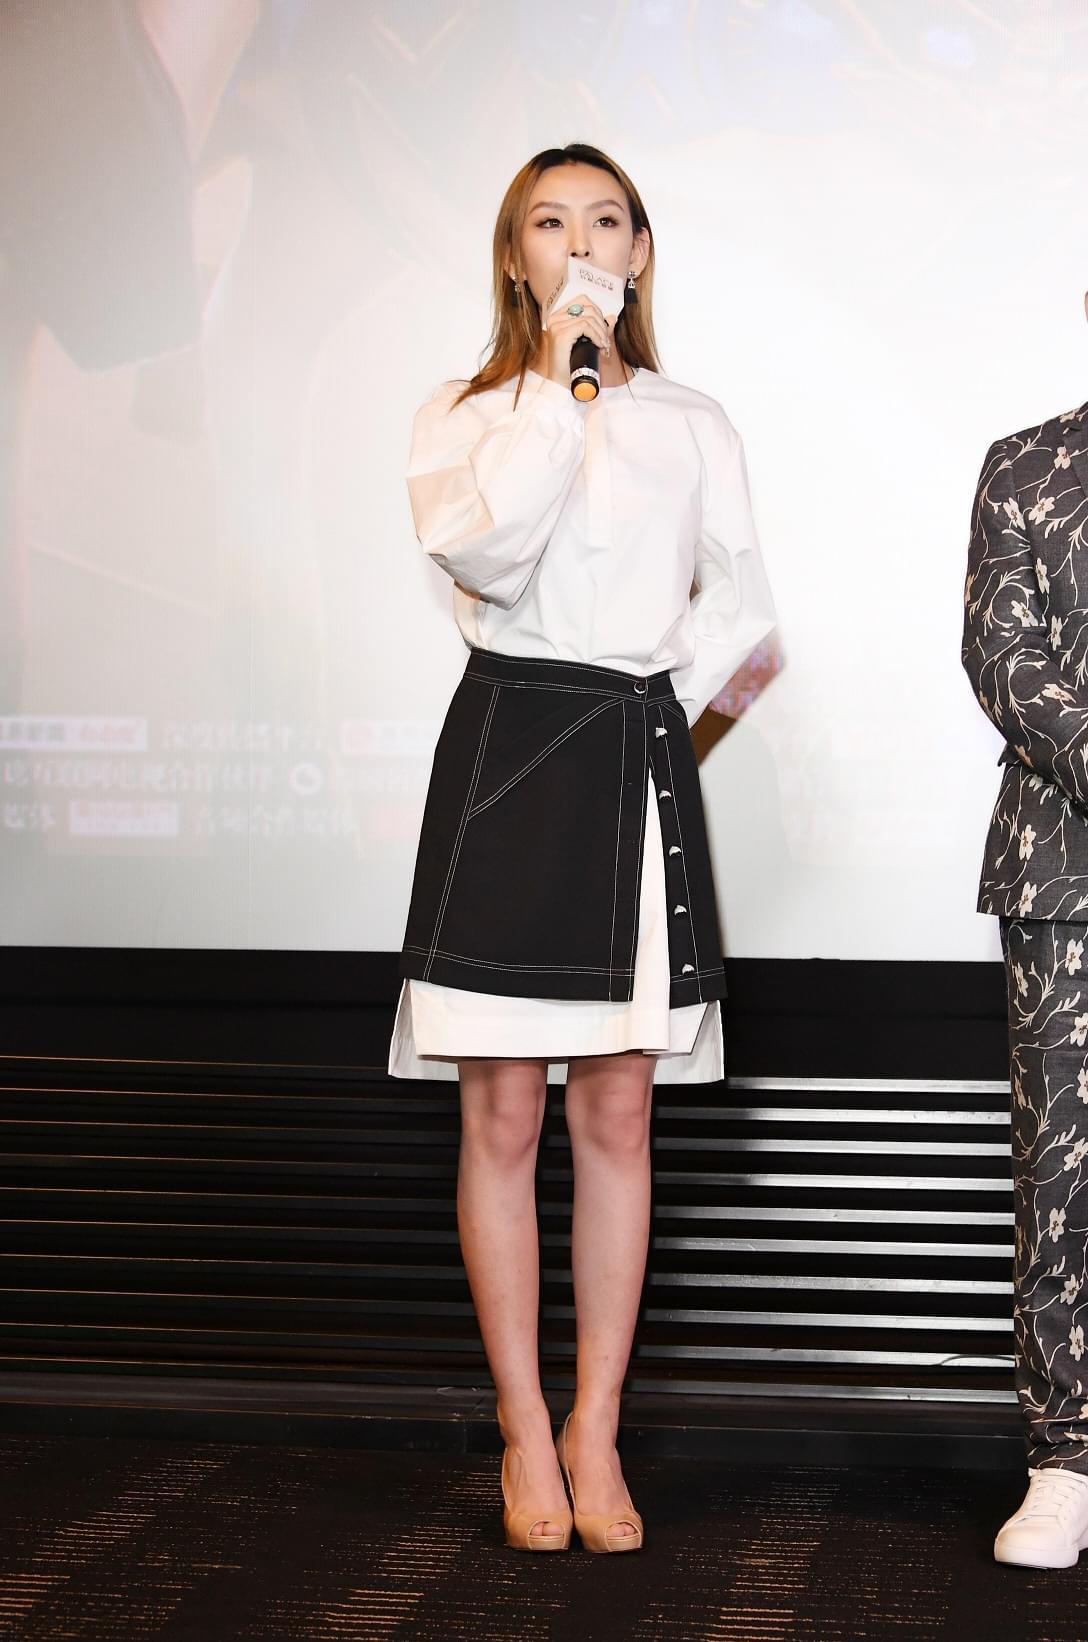 徐歌阳新单加盟《反转人生》  与闫妮宋茜同框